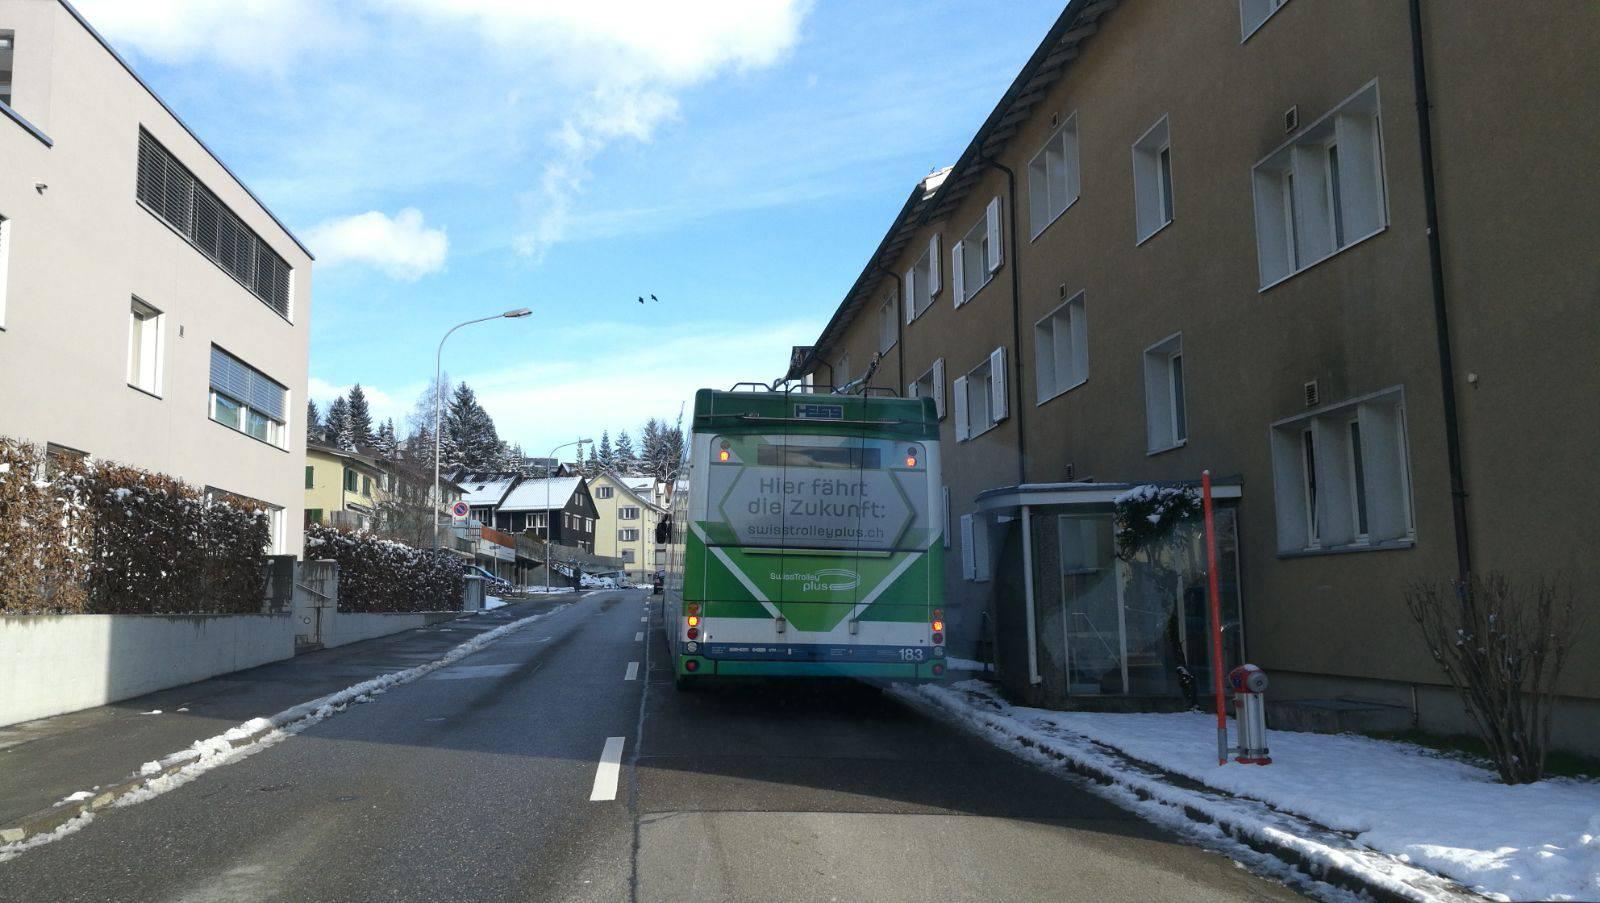 Auf der Strecke St.Georgen kam der batteriebetriebene Bus zum Einsatz. Bild: zVg